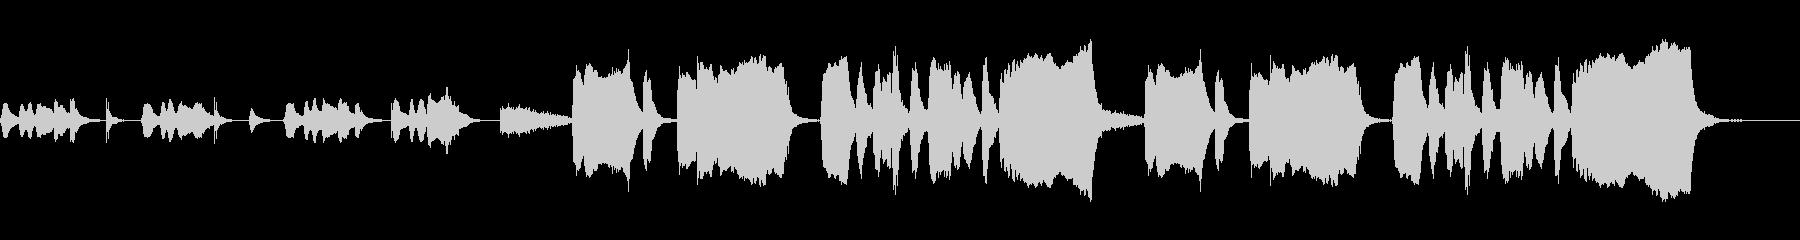 考え中・バスクラリネット・ファゴットの未再生の波形